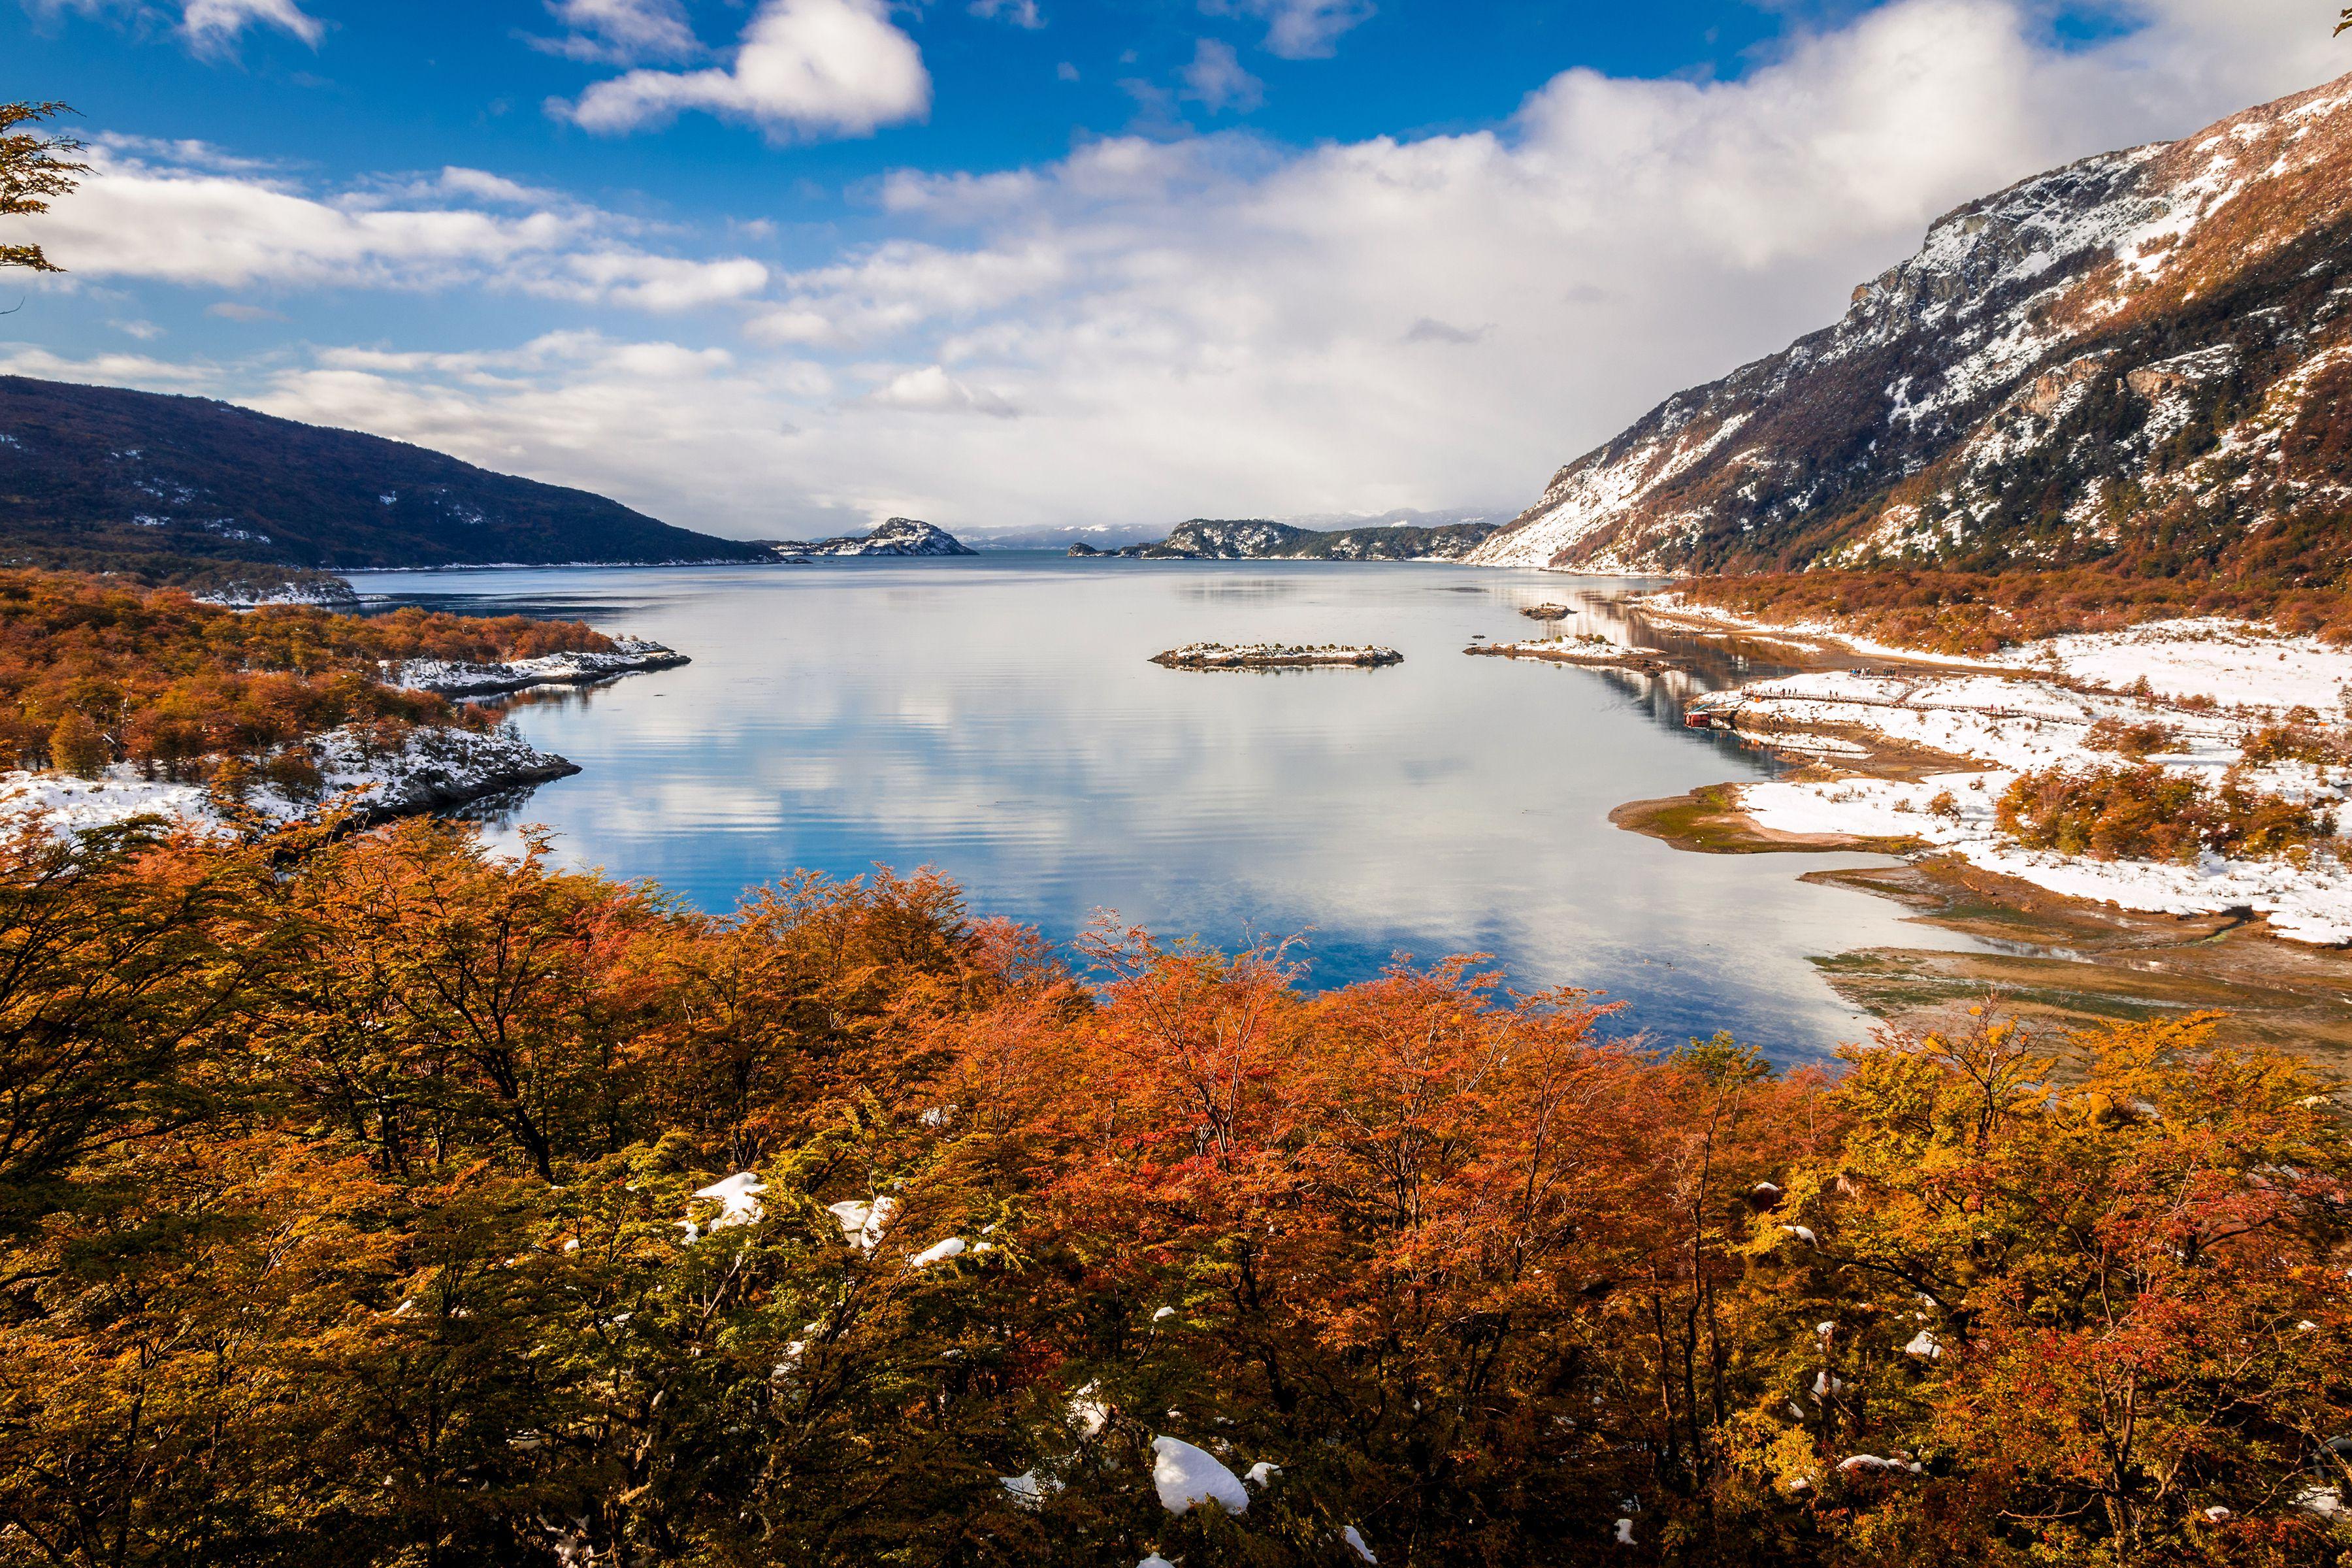 Bahía Lapataia en el Parque Nacional Tierra del Fuego